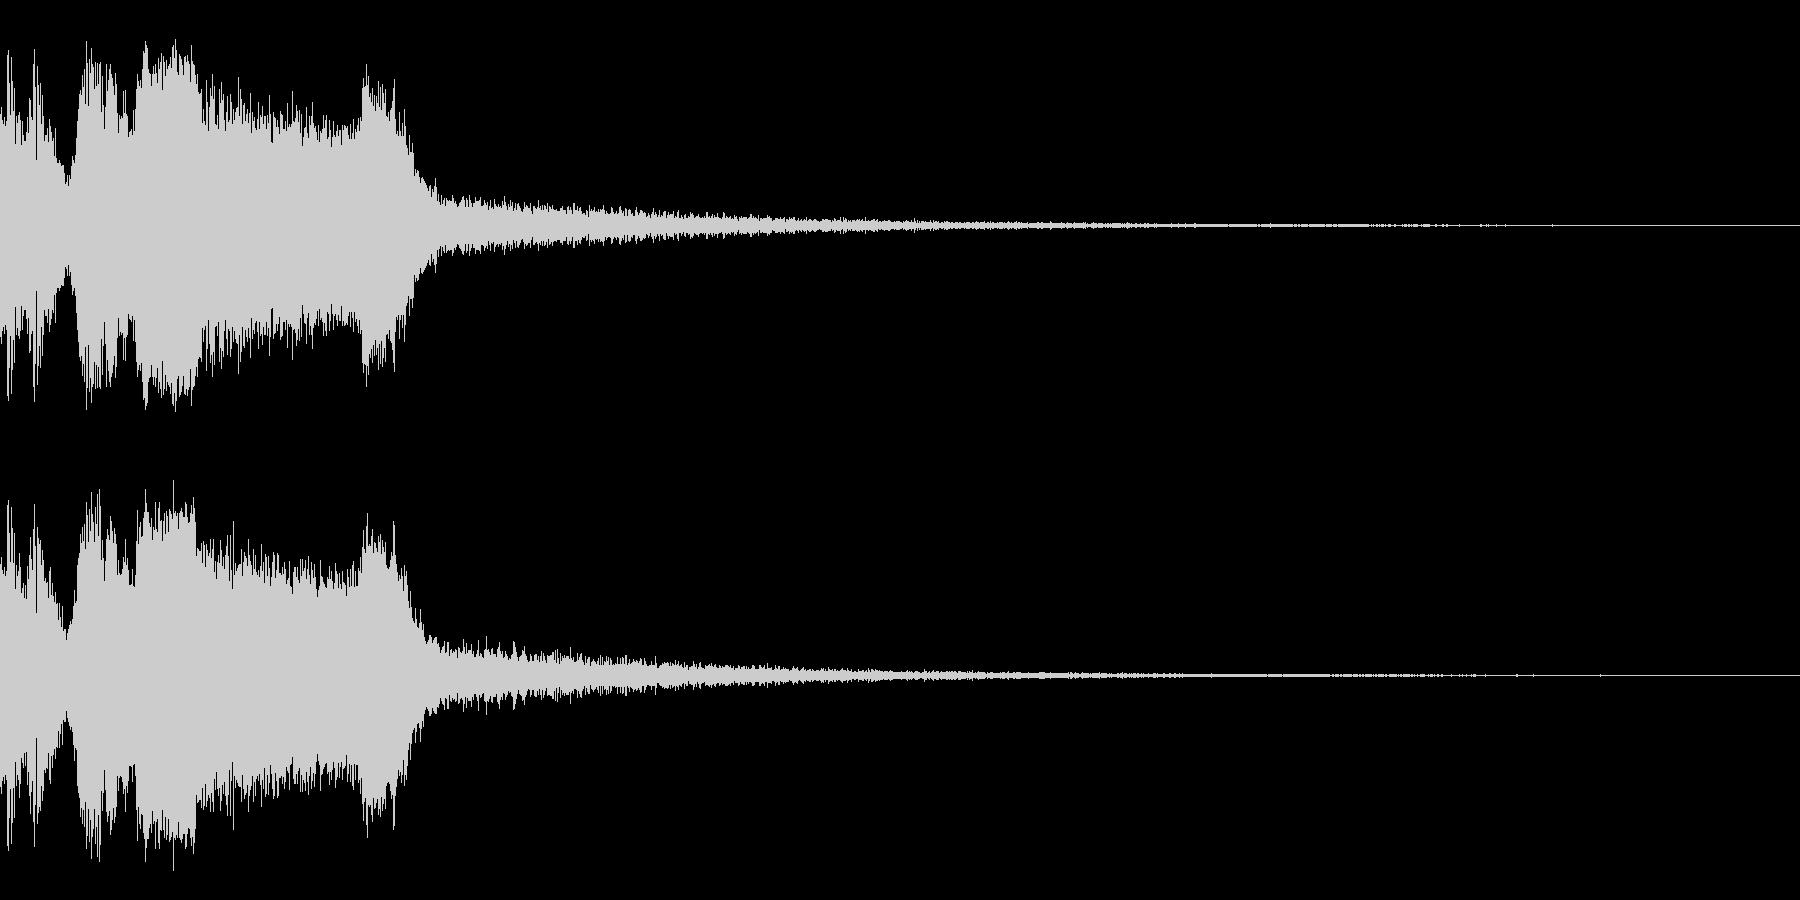 DJFX ヒットチャート発表前SE 14の未再生の波形